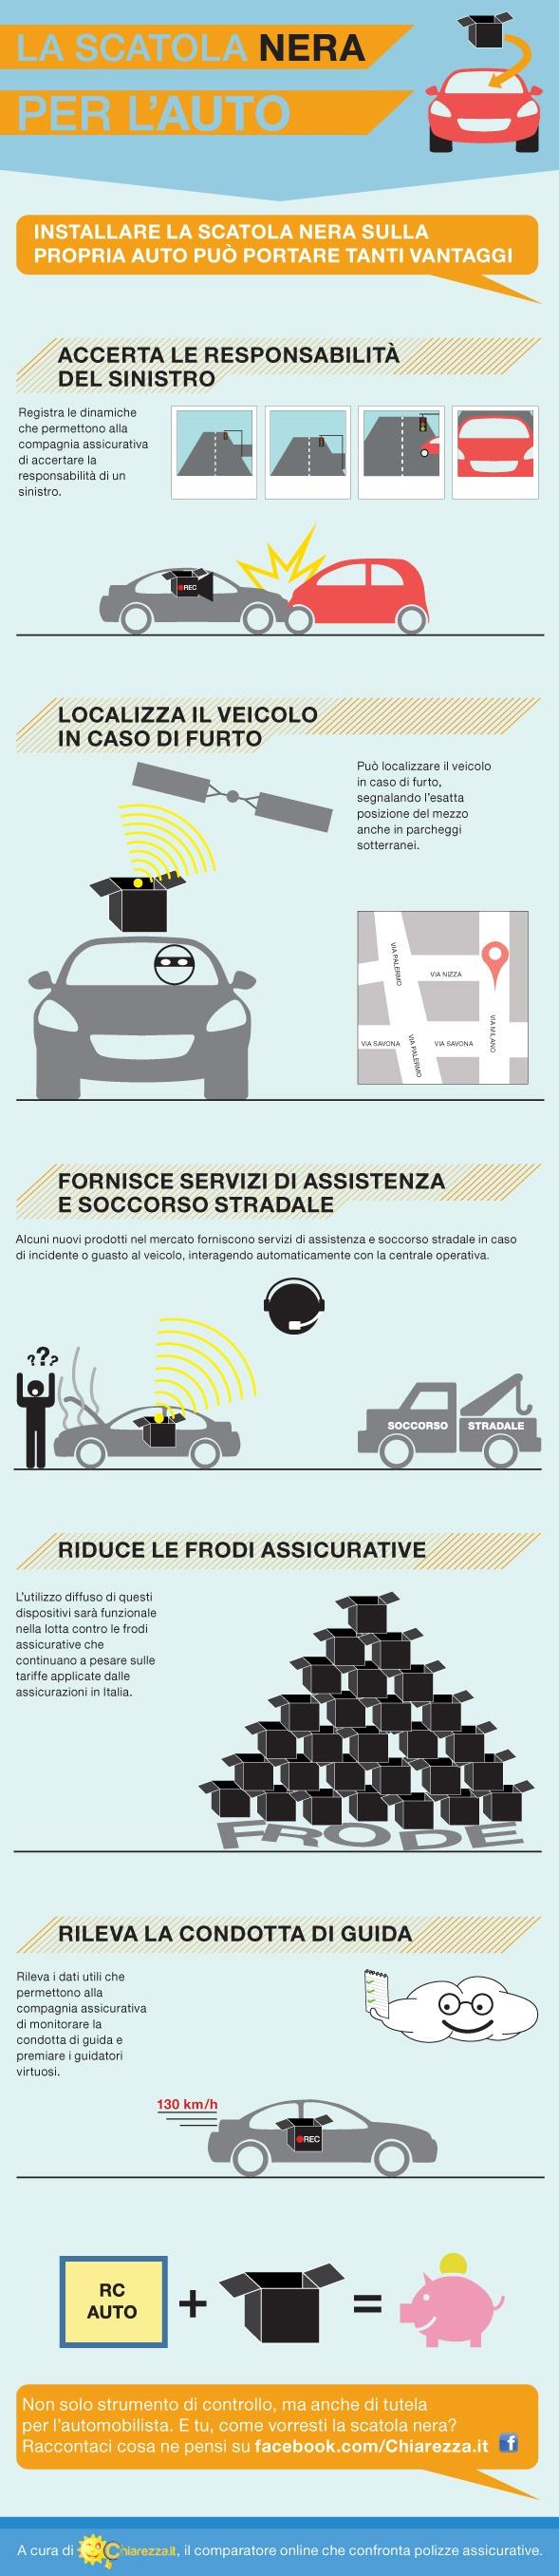 Scatola Nera in auto: quali potrebbero essere i vantaggi #scatola #nera  #assicurazione #infografica